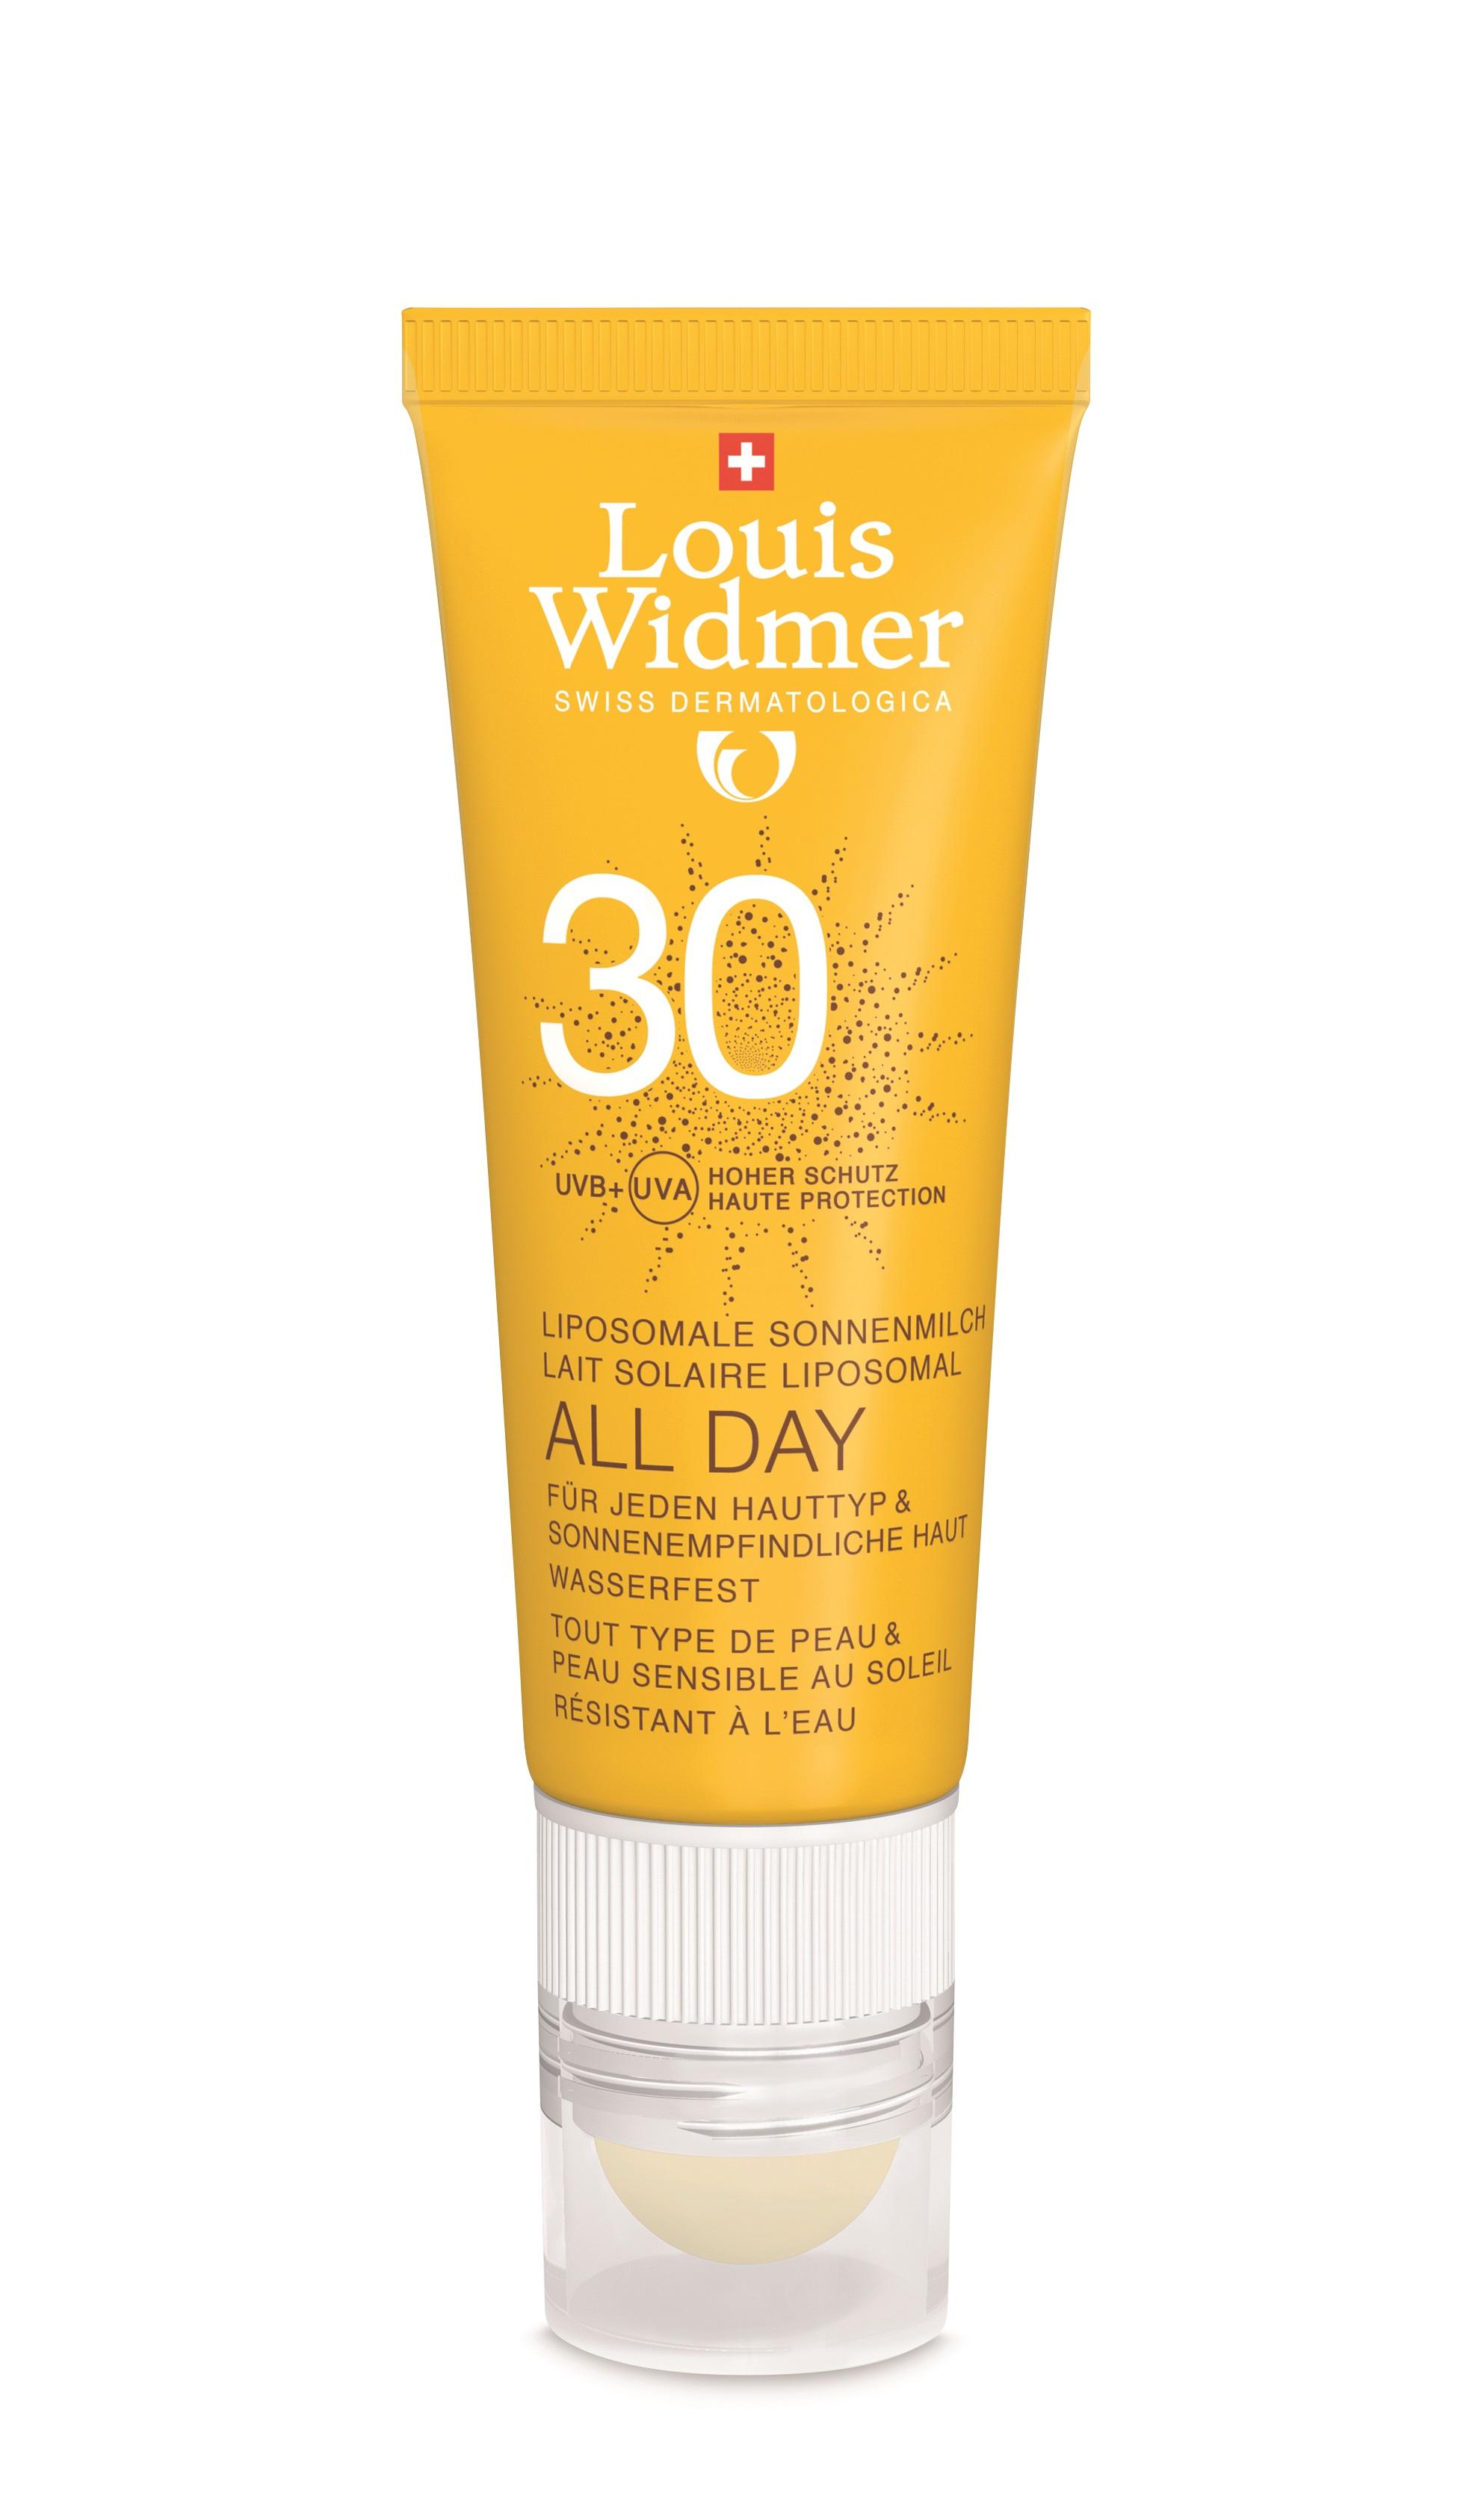 Widmer Sun All Day 30 mit Lippenpflegestift 50